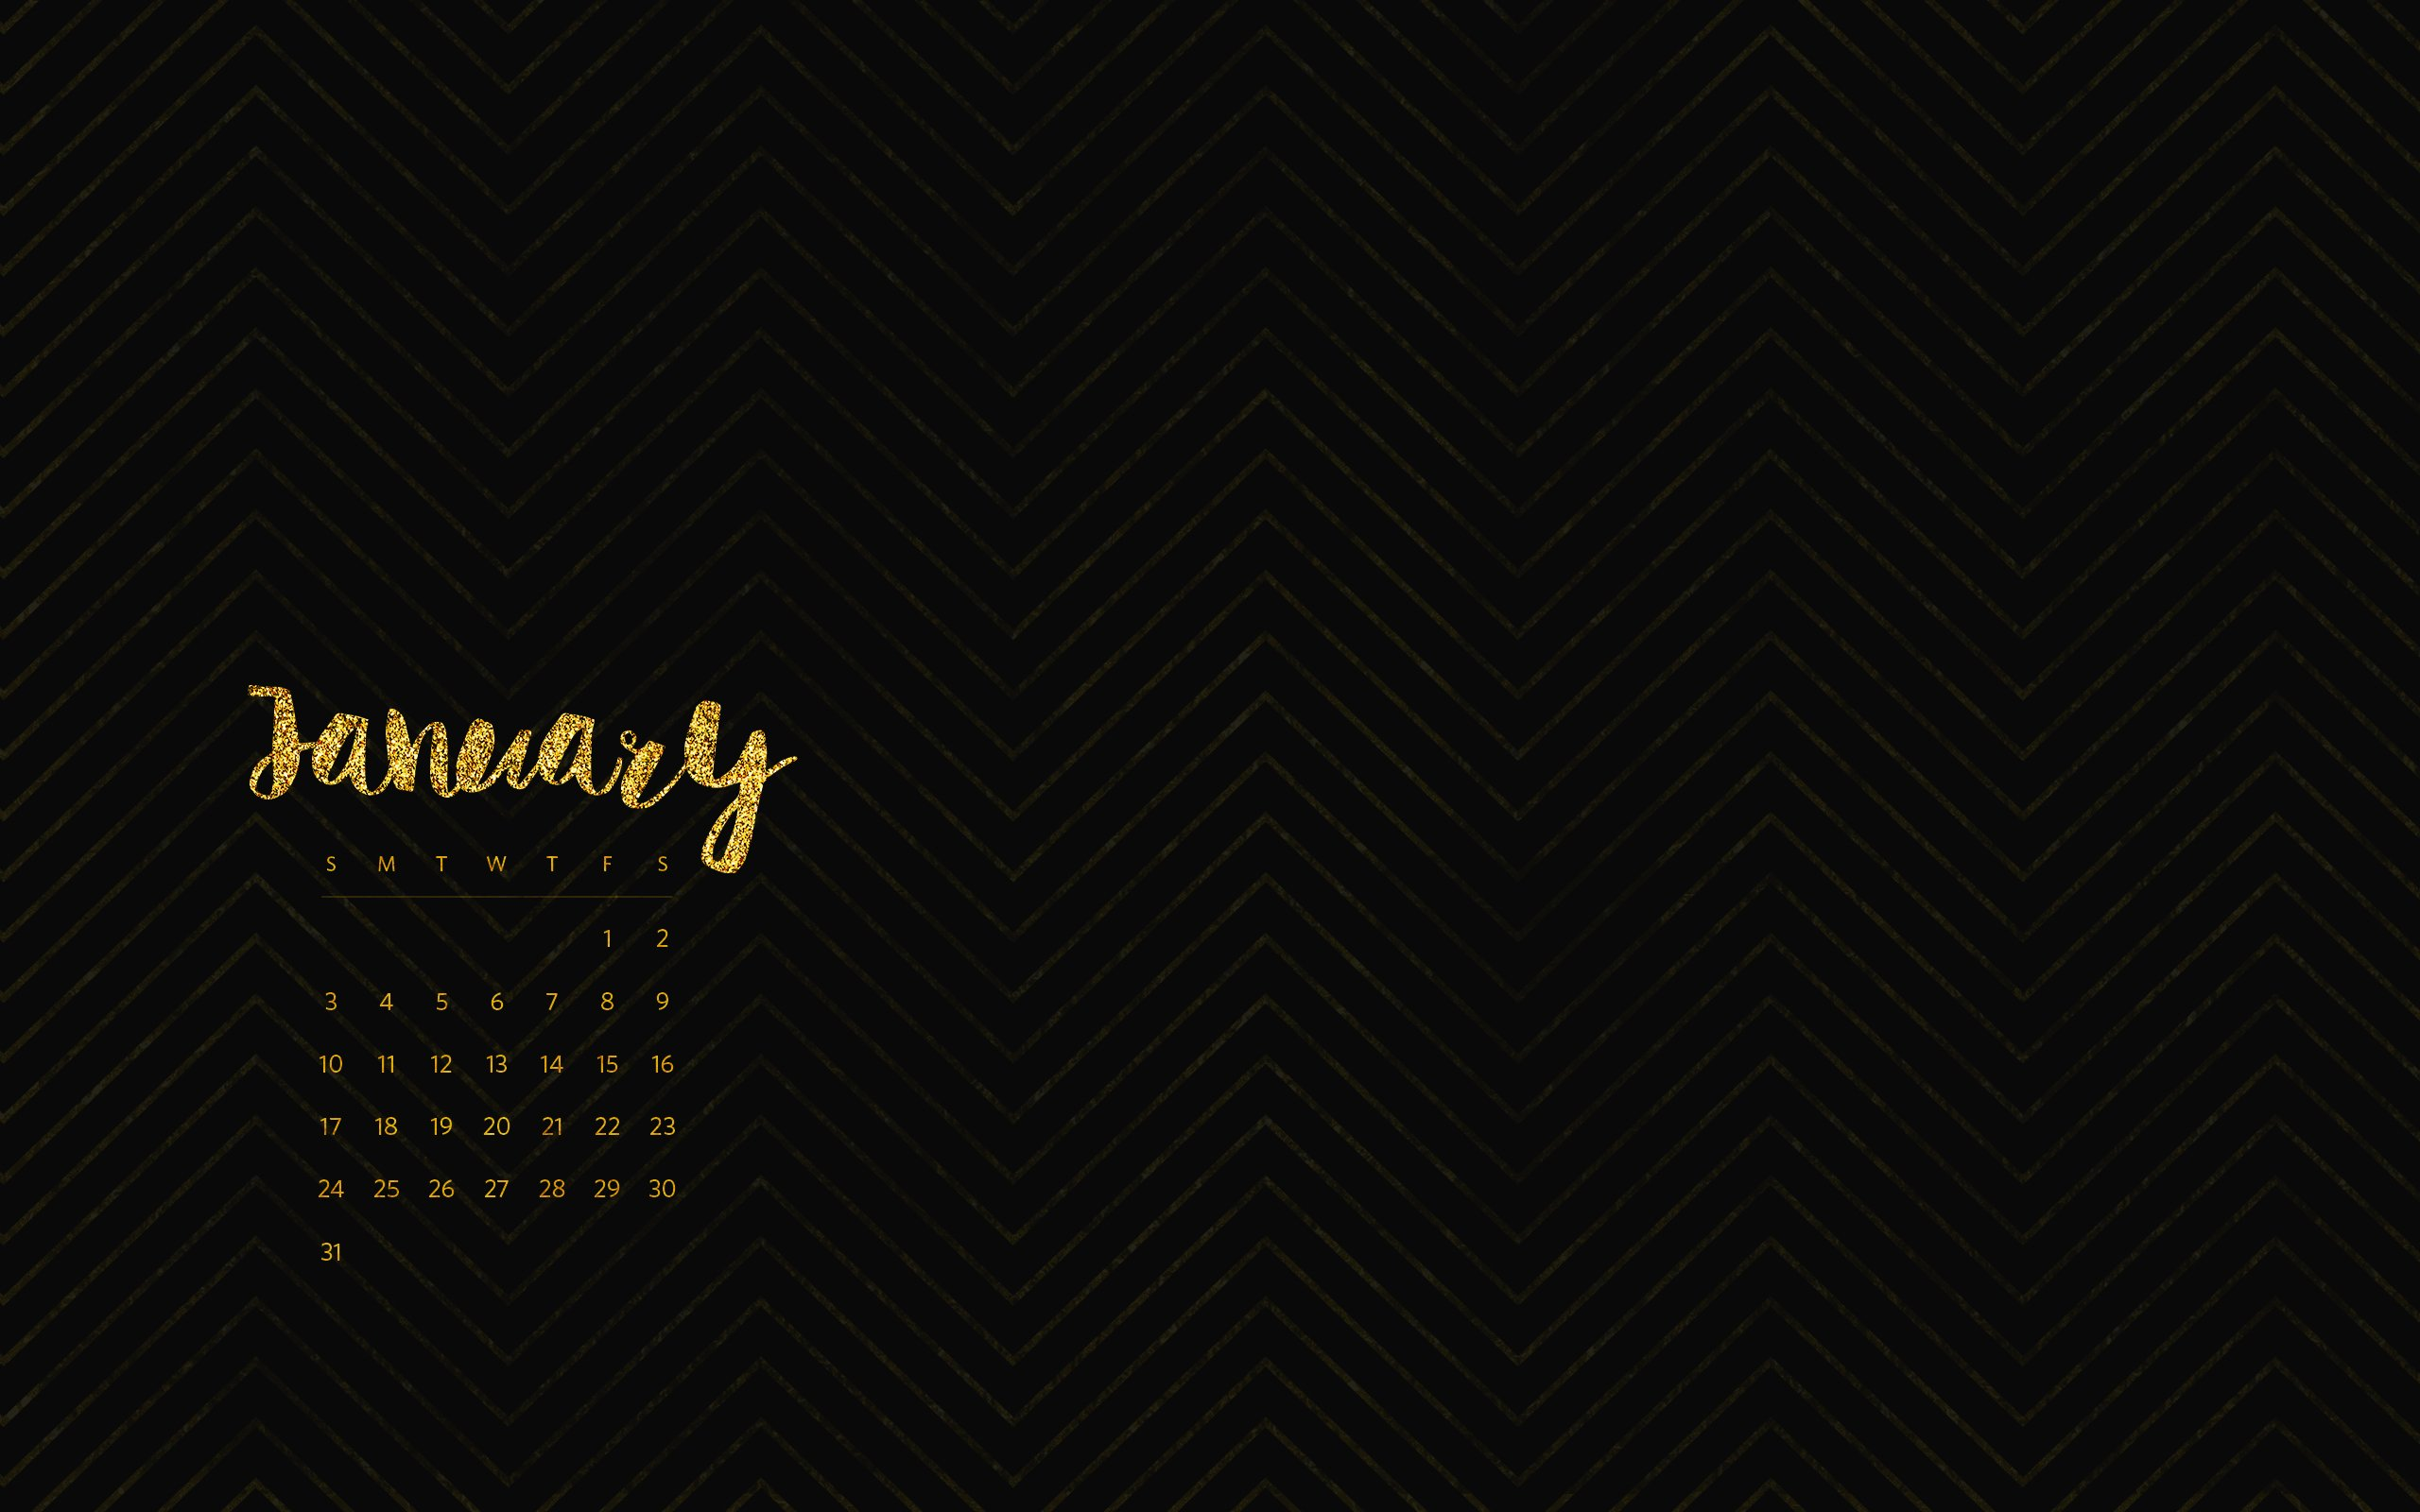 January Calendar Wallpaper Hd : Calendar hd wallpaper wallpapersafari